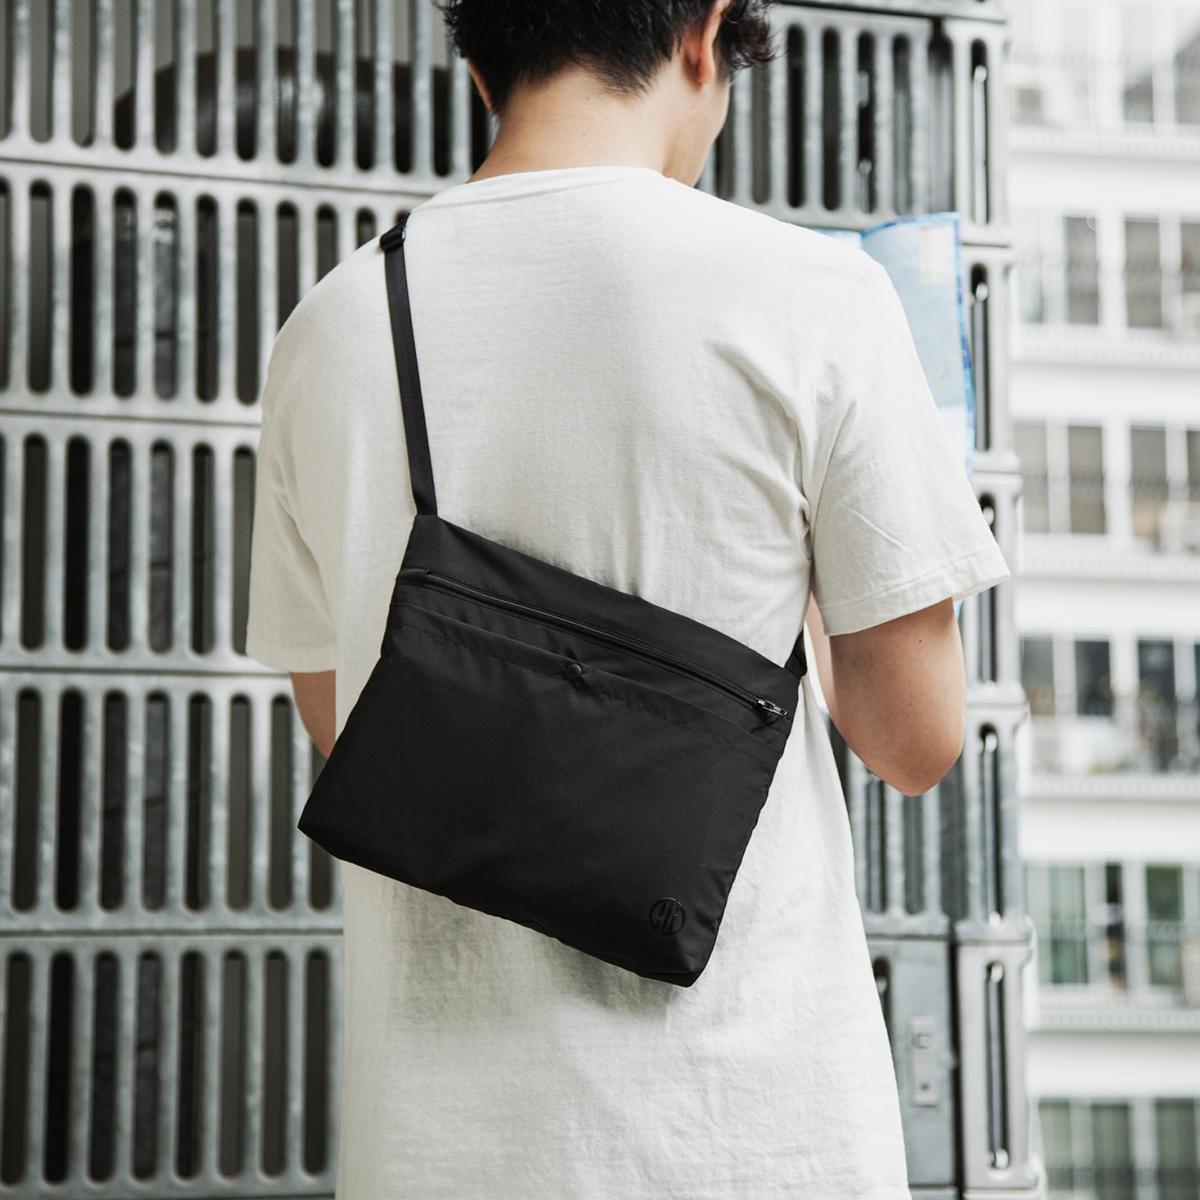 日中は「サコッシュ」として使えて、冷え込む朝晩や冷房の効きすぎた室内では「アノラック型パーカー」に変身する「バッグ一体型パーカー」| SANYO ENJIN